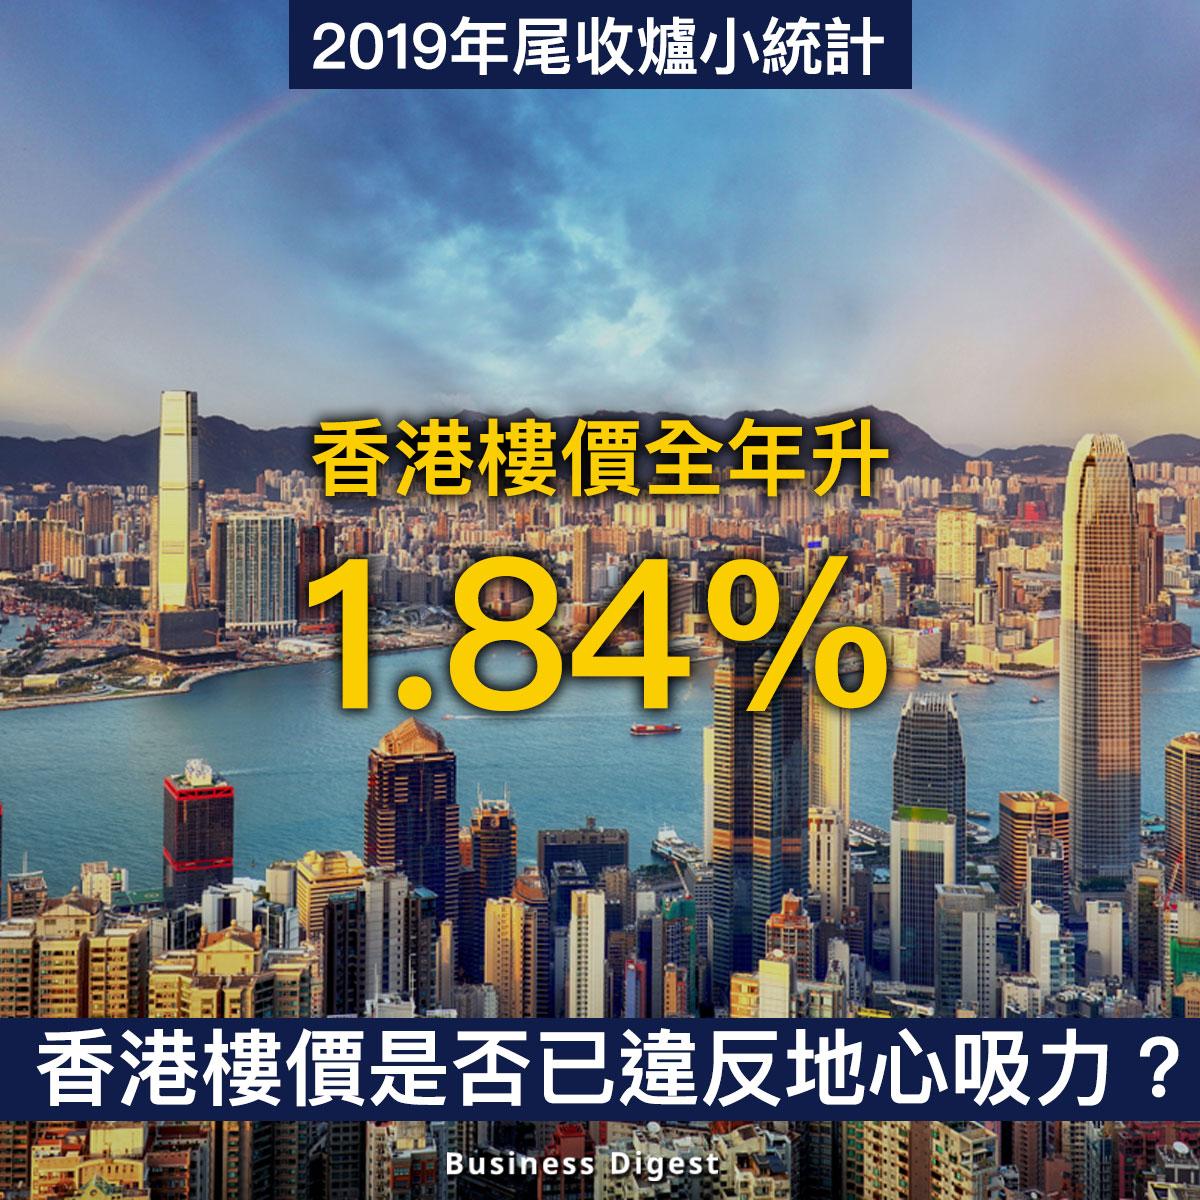 【從數據認識經濟】香港樓價全年升1.84%,香港樓價是否已違反地心吸力?